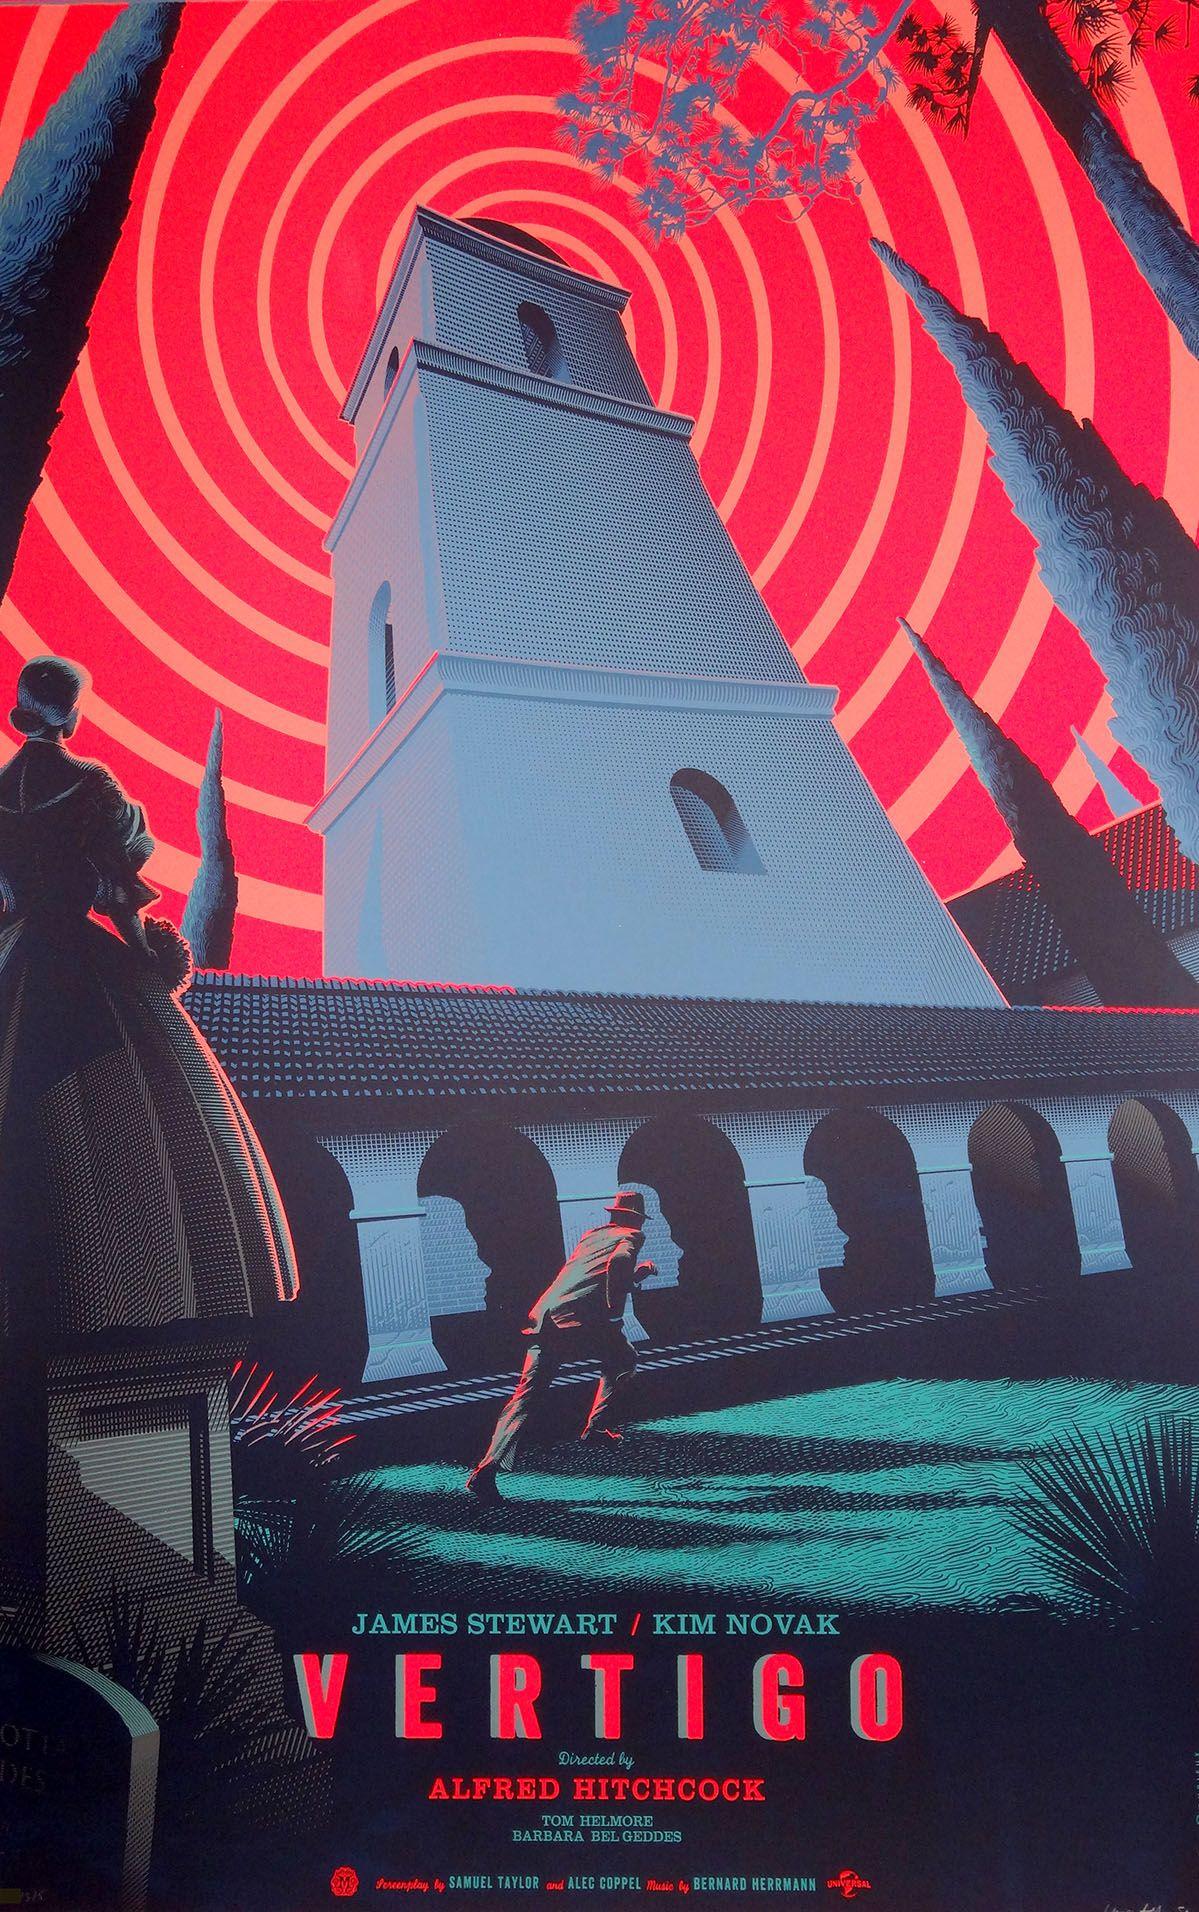 vertigo english movie watch online